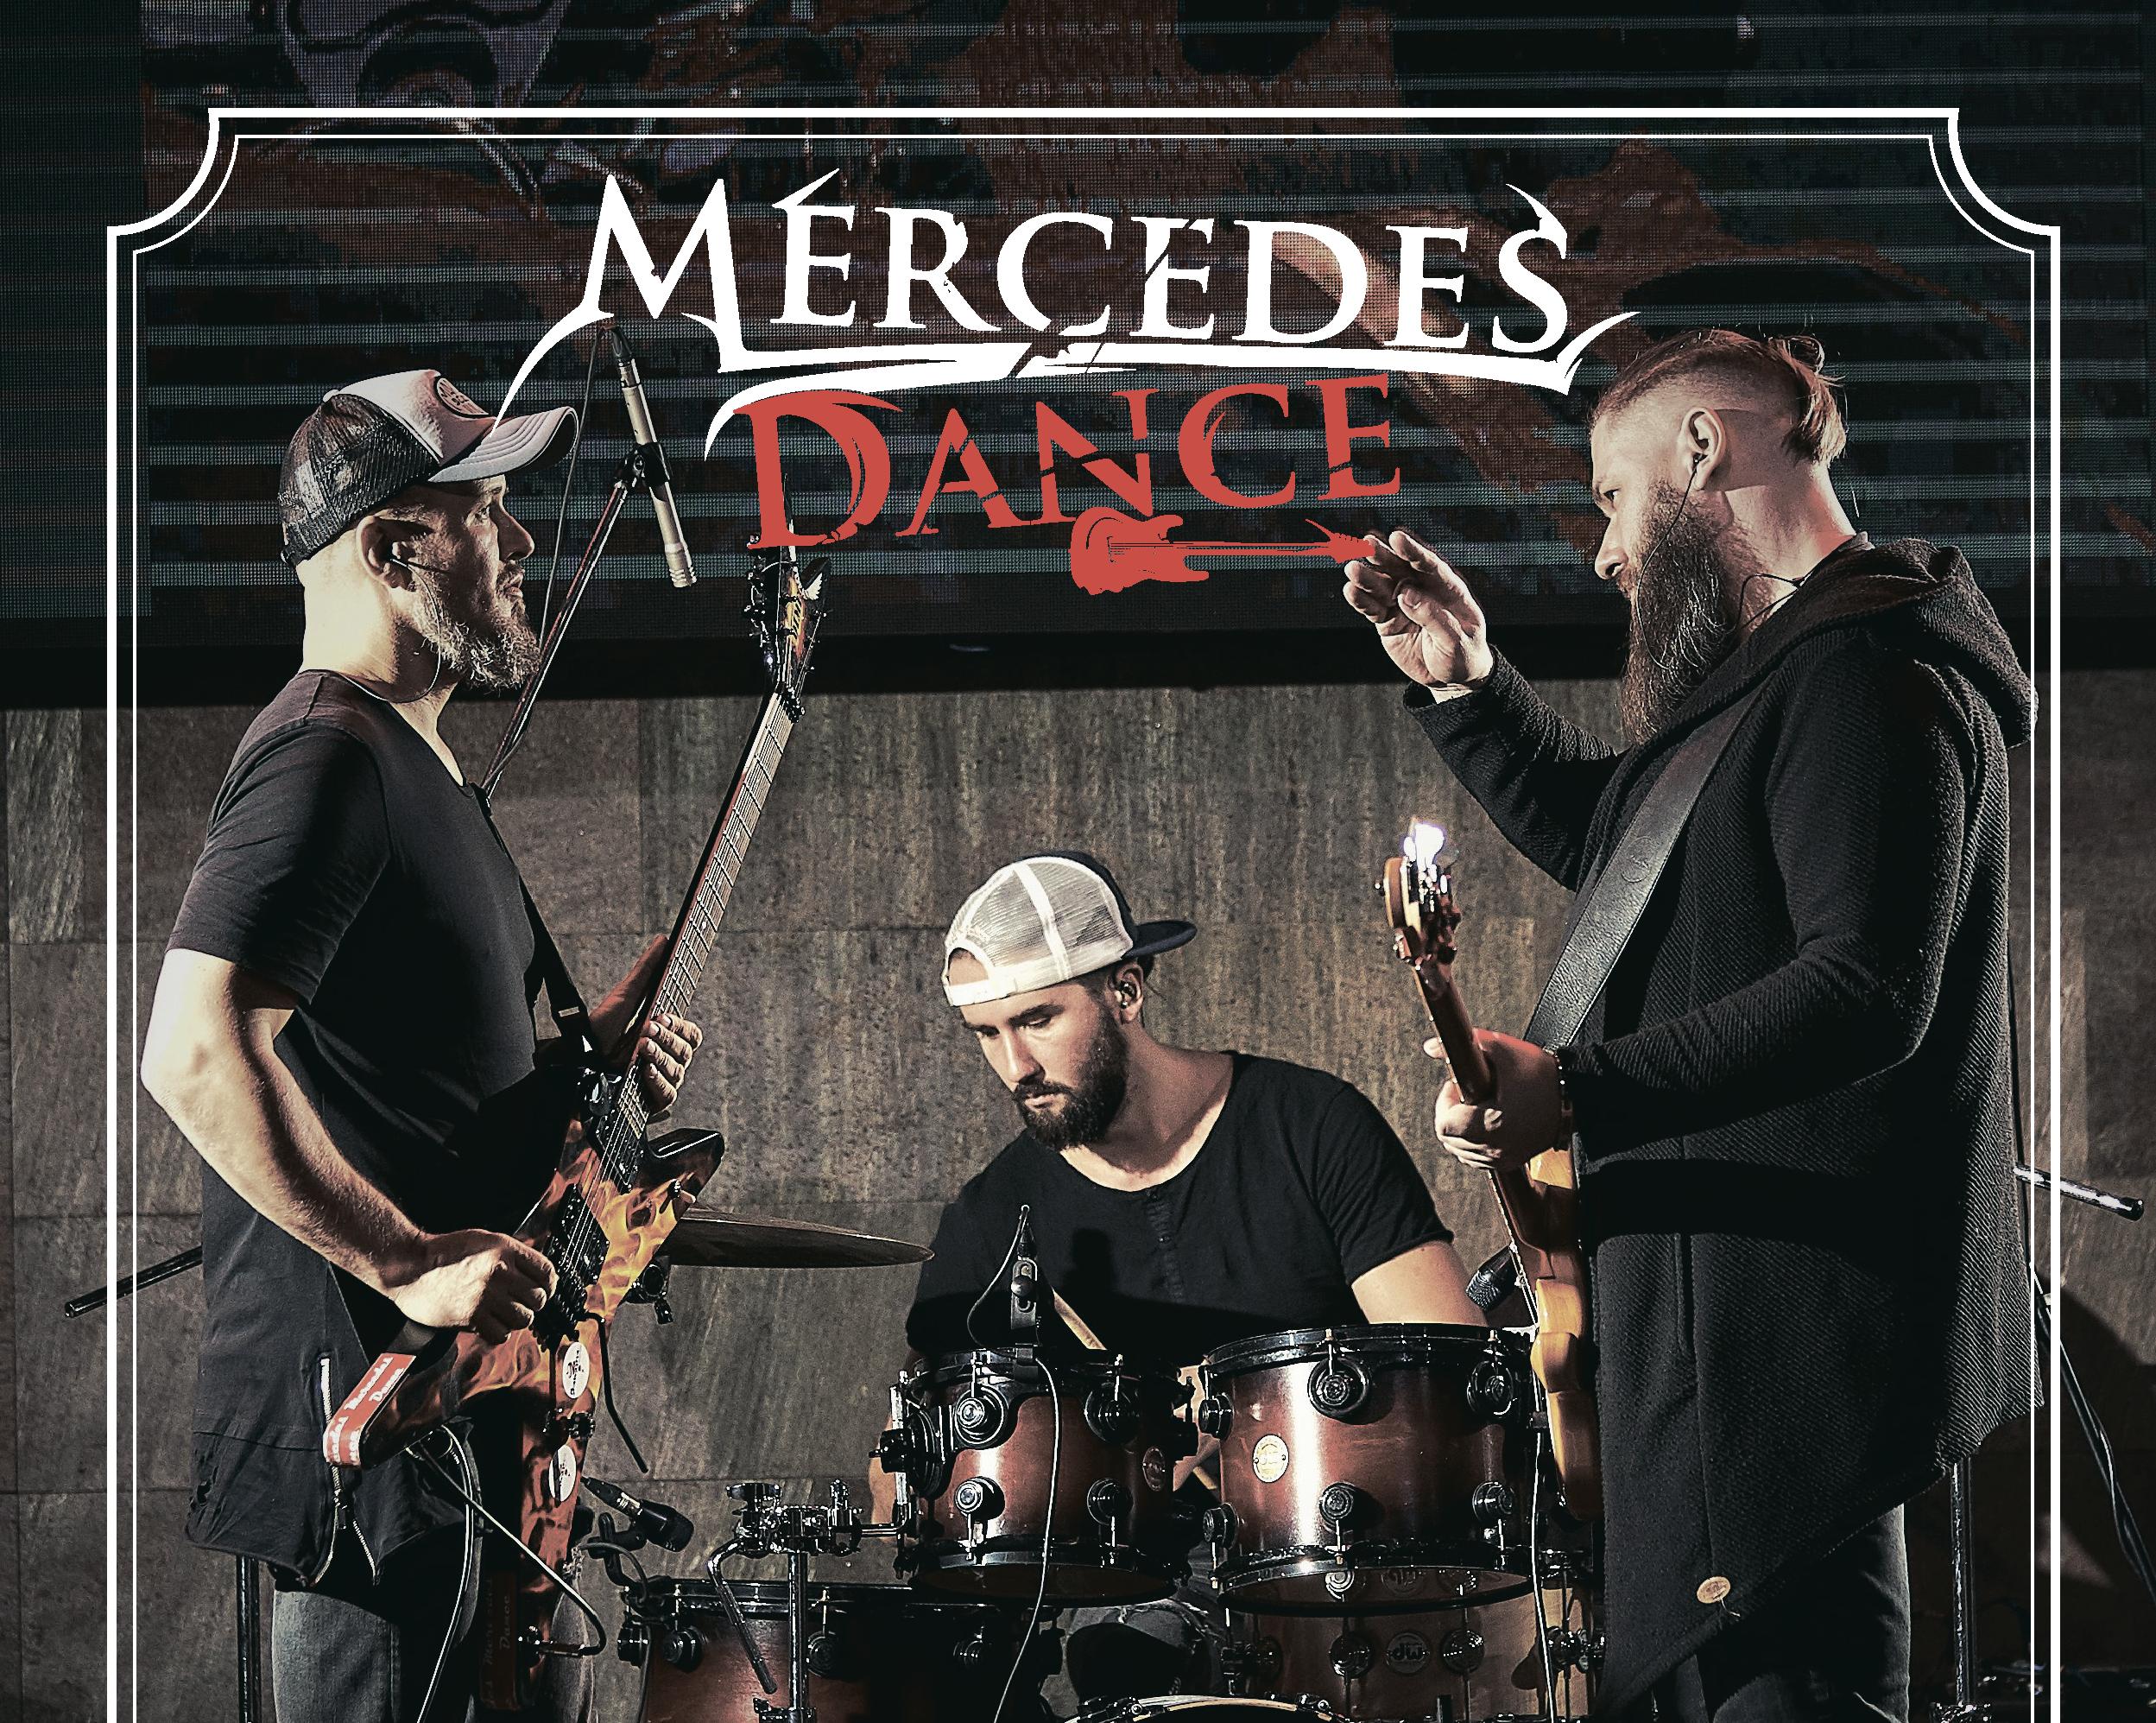 Афиша! Живая Музыка — Кавер группа Mercedec Dance 29 января в White Hart Pub Moscow City